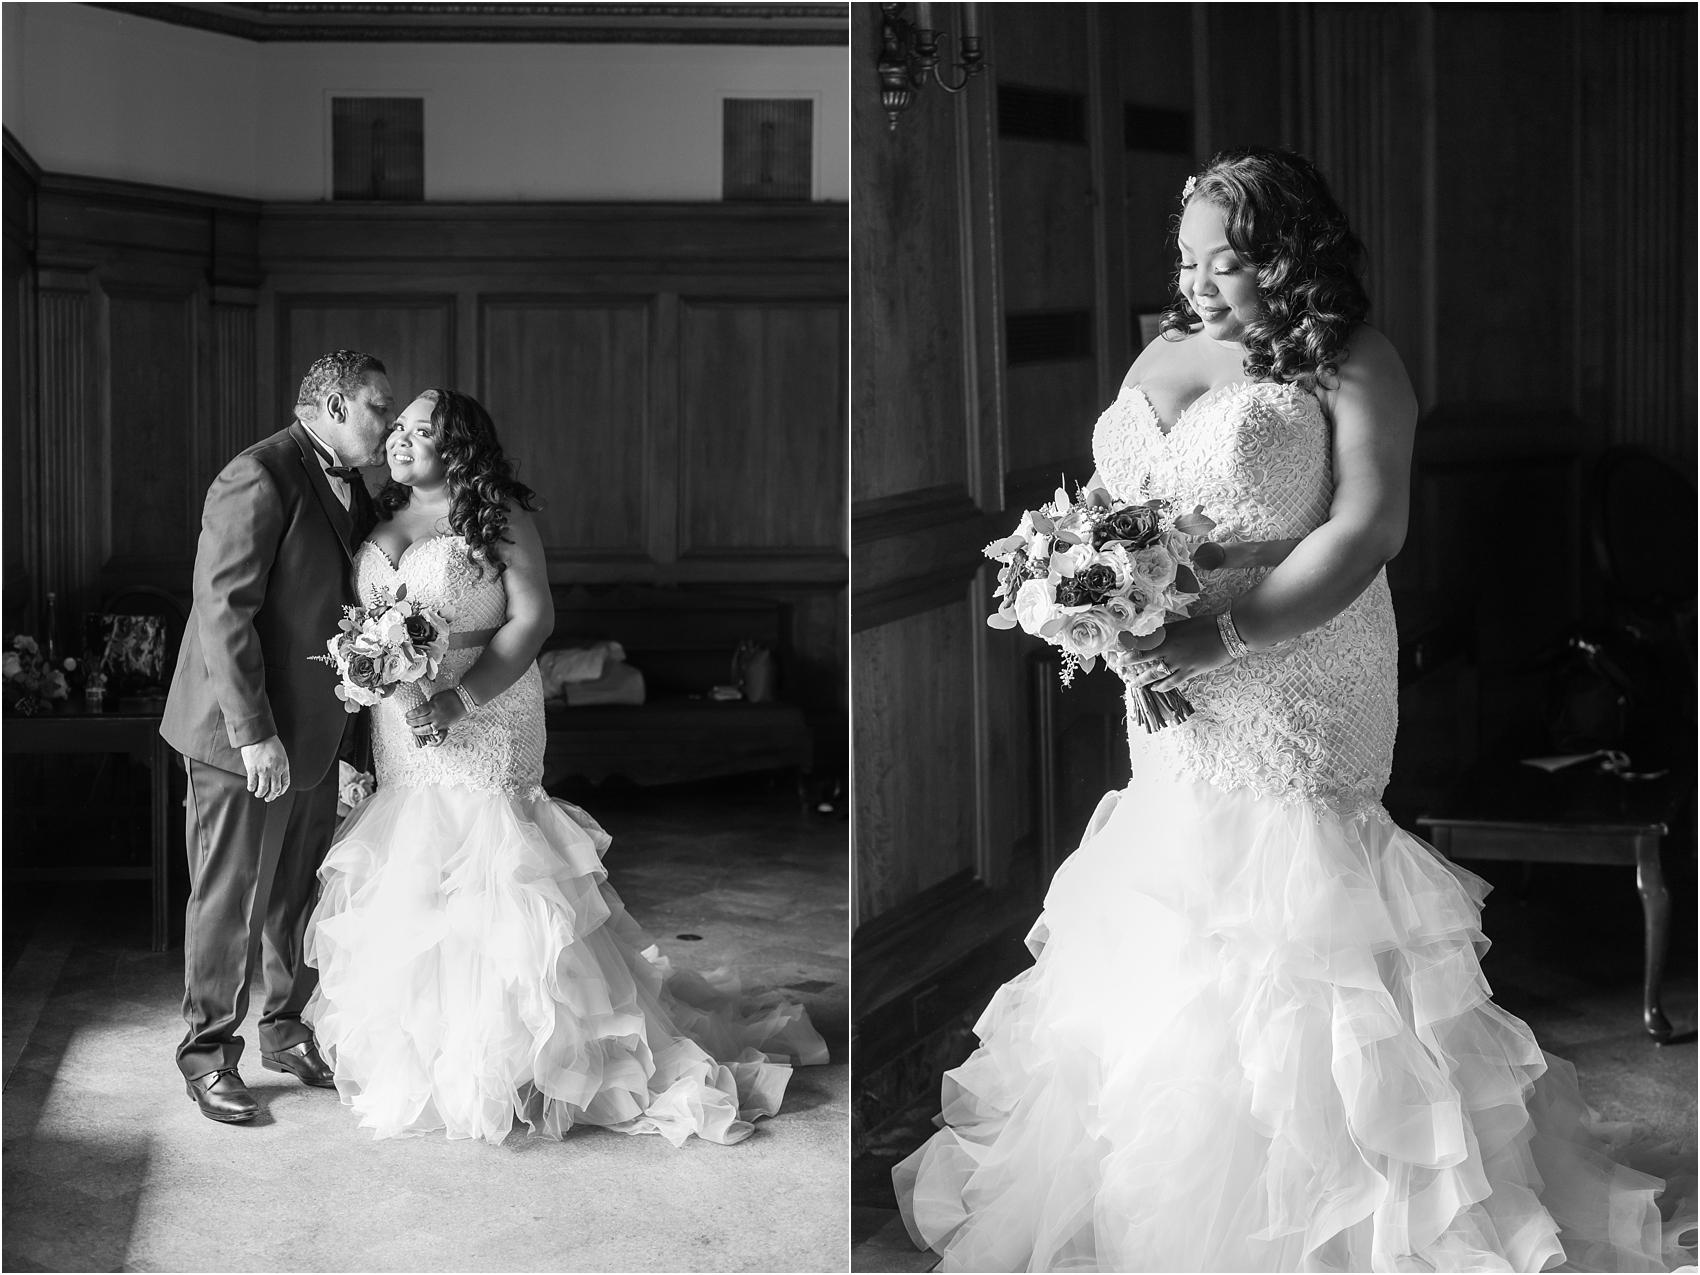 minimalist-and-modern-wedding-photos-at-30-north-saginaw-in-pontiac-michigan-by-courtney-carolyn-photography_0028.jpg